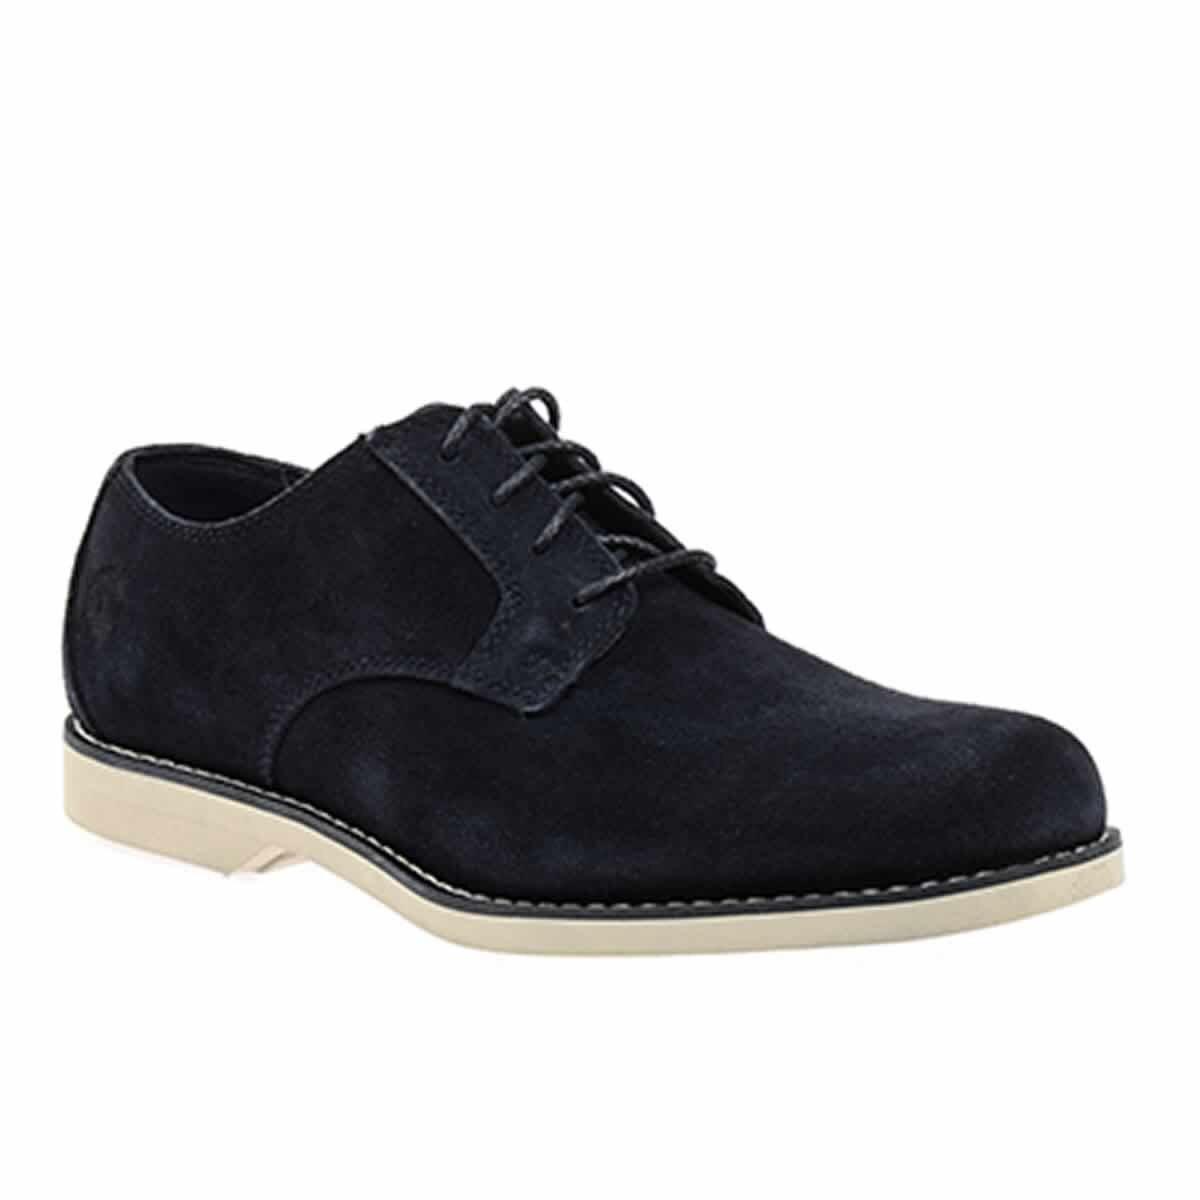 RENKSIZ Erkek Oxford Ayakkabı 1TIM20152290